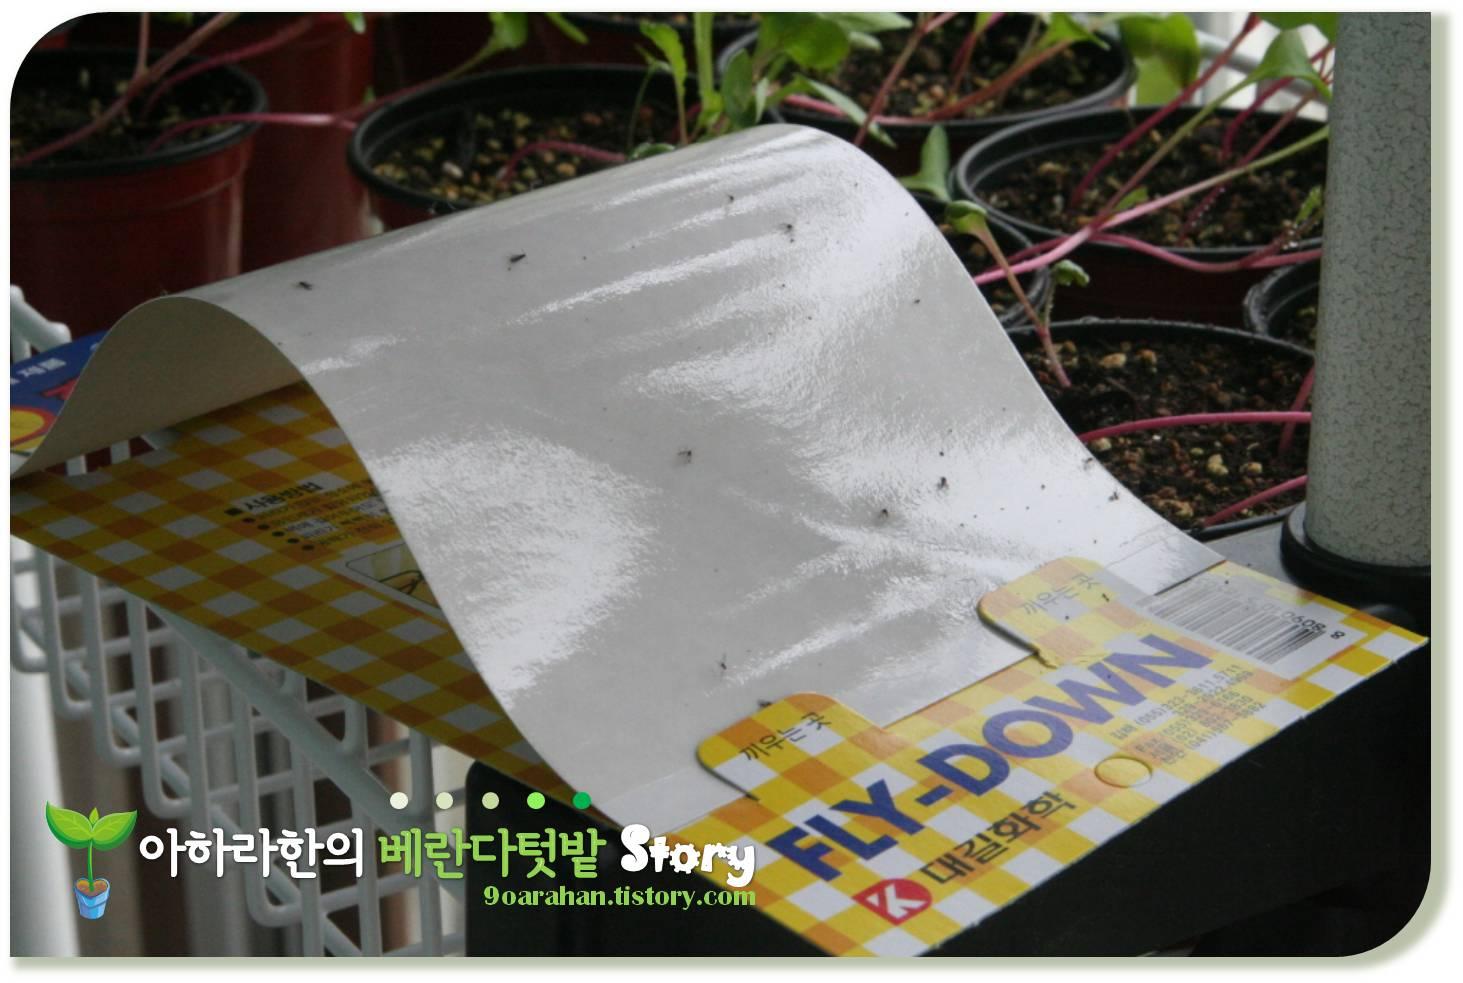 [날파리 퇴치] 베란다채소밭 날파리 퇴치법, 상추 날파리 화분에 날파리 퇴치하기